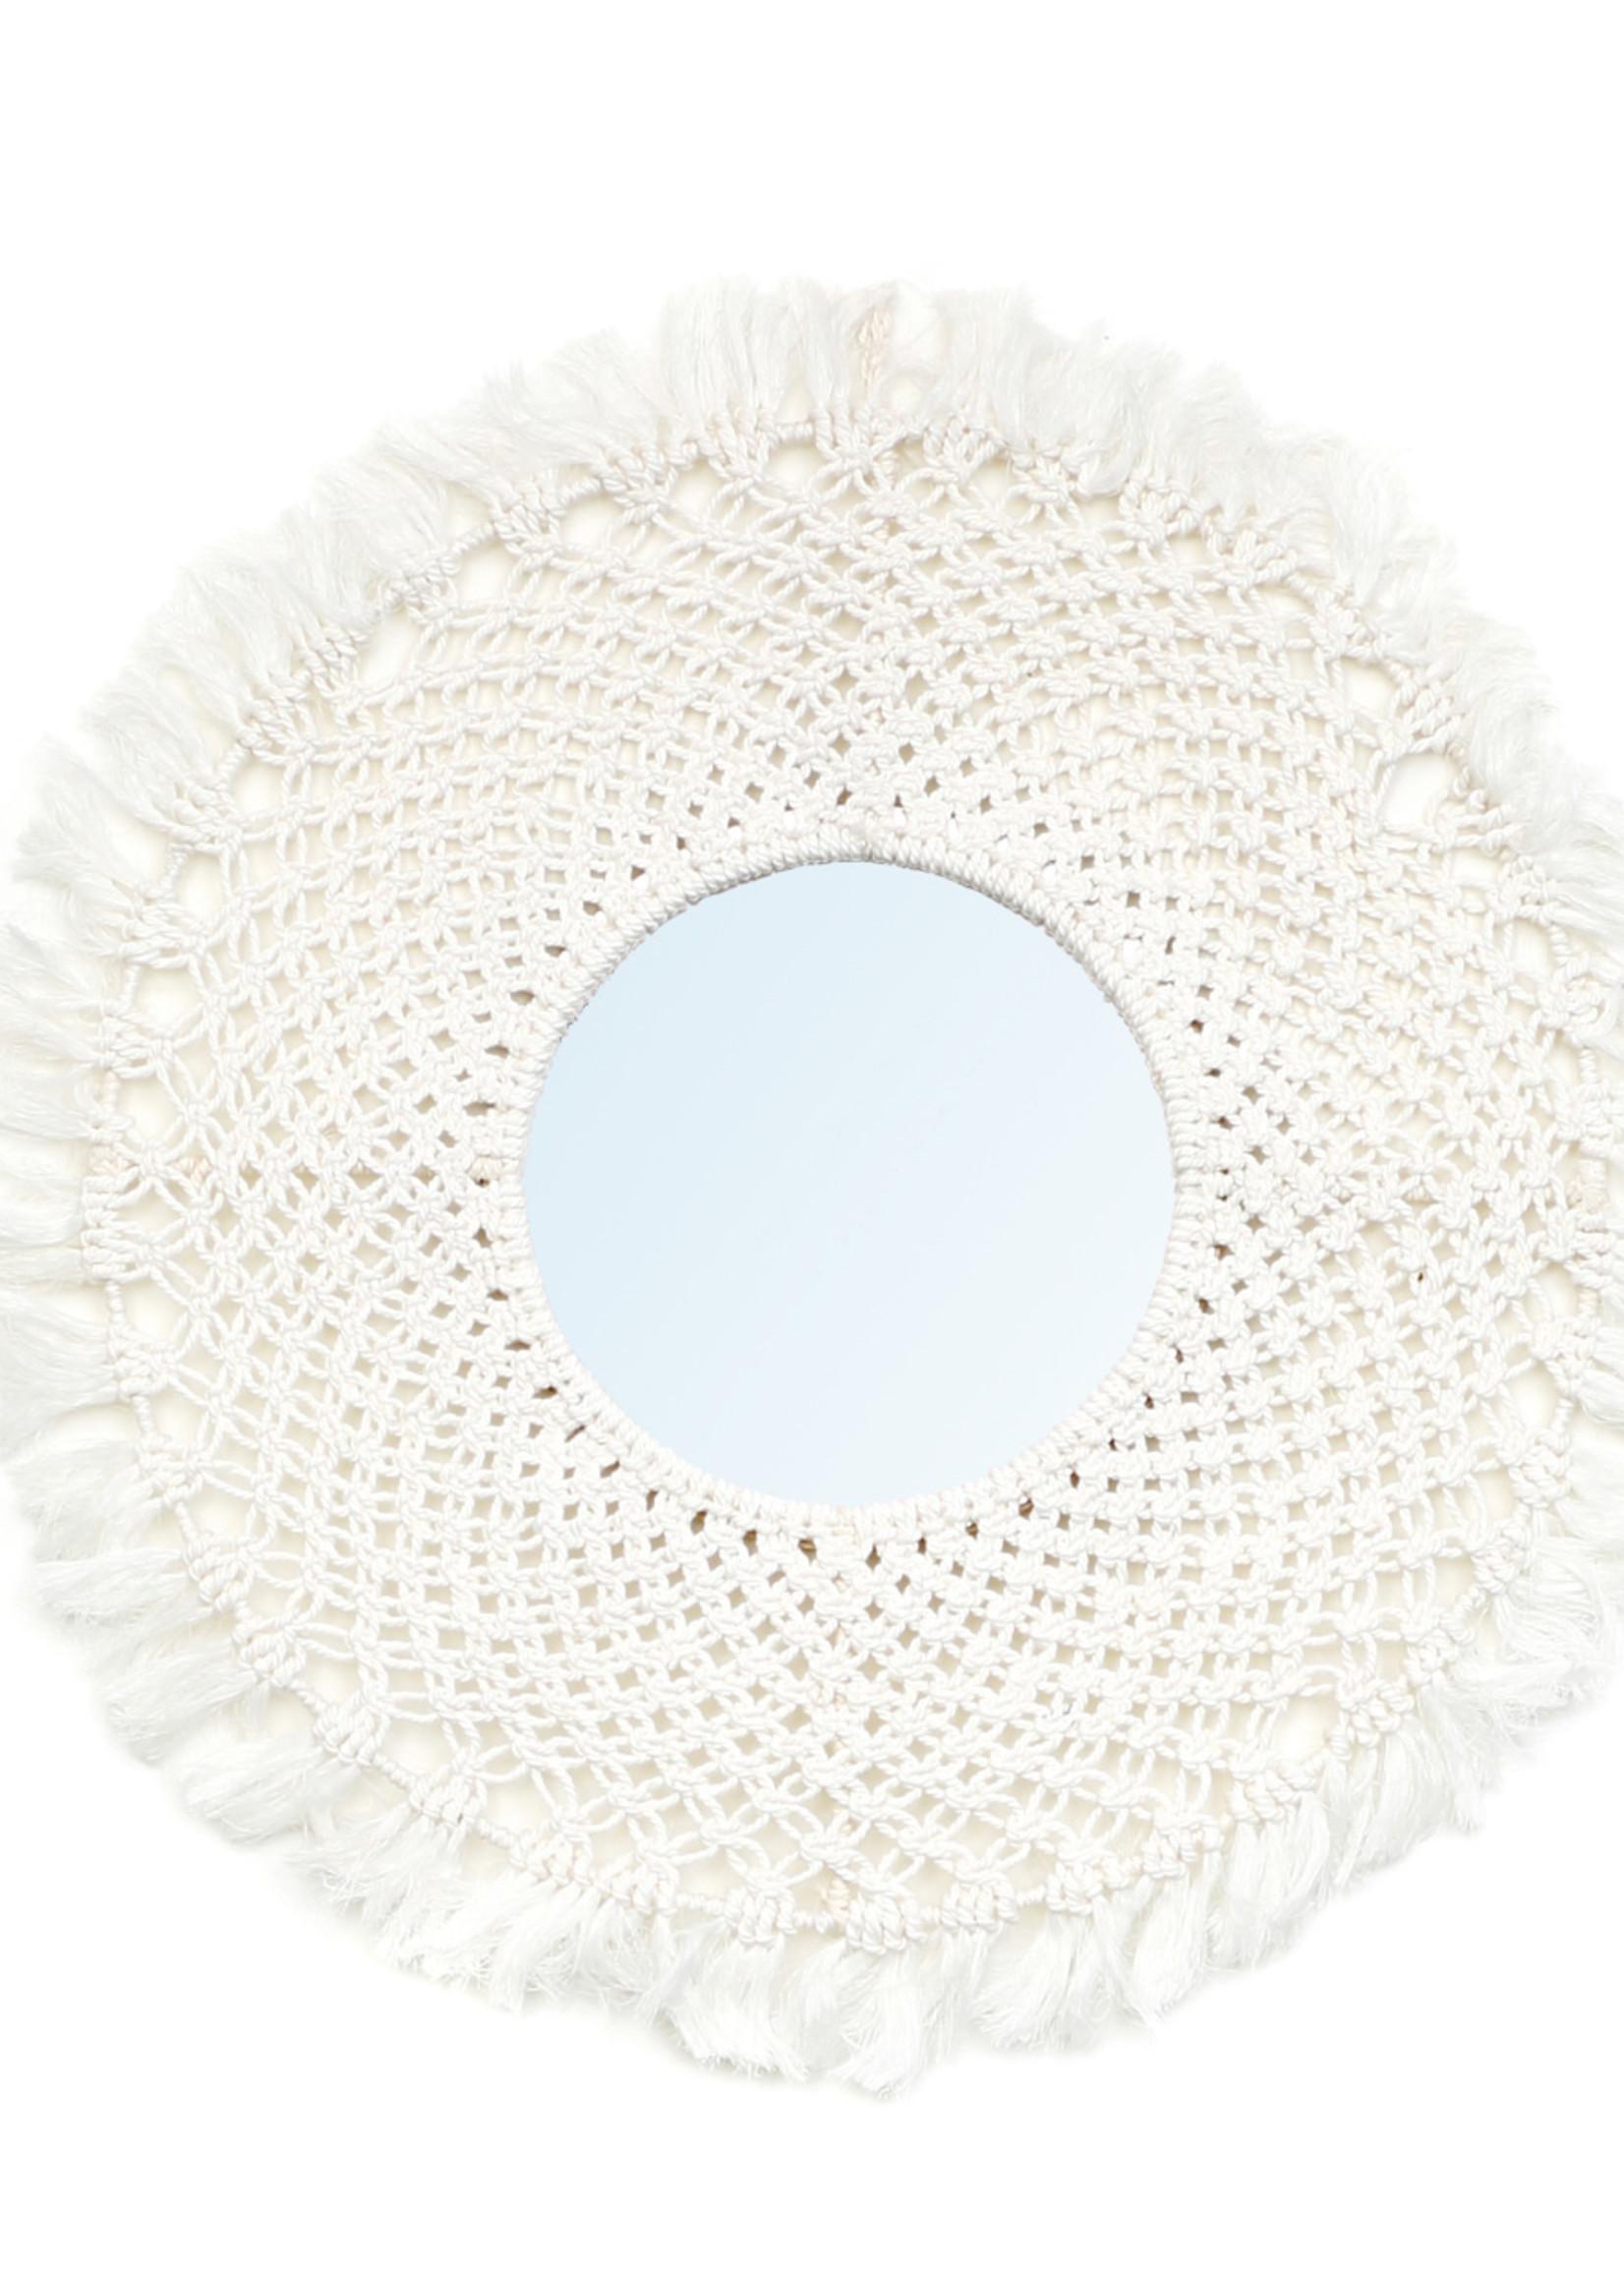 The Barbados Mirror - White - M